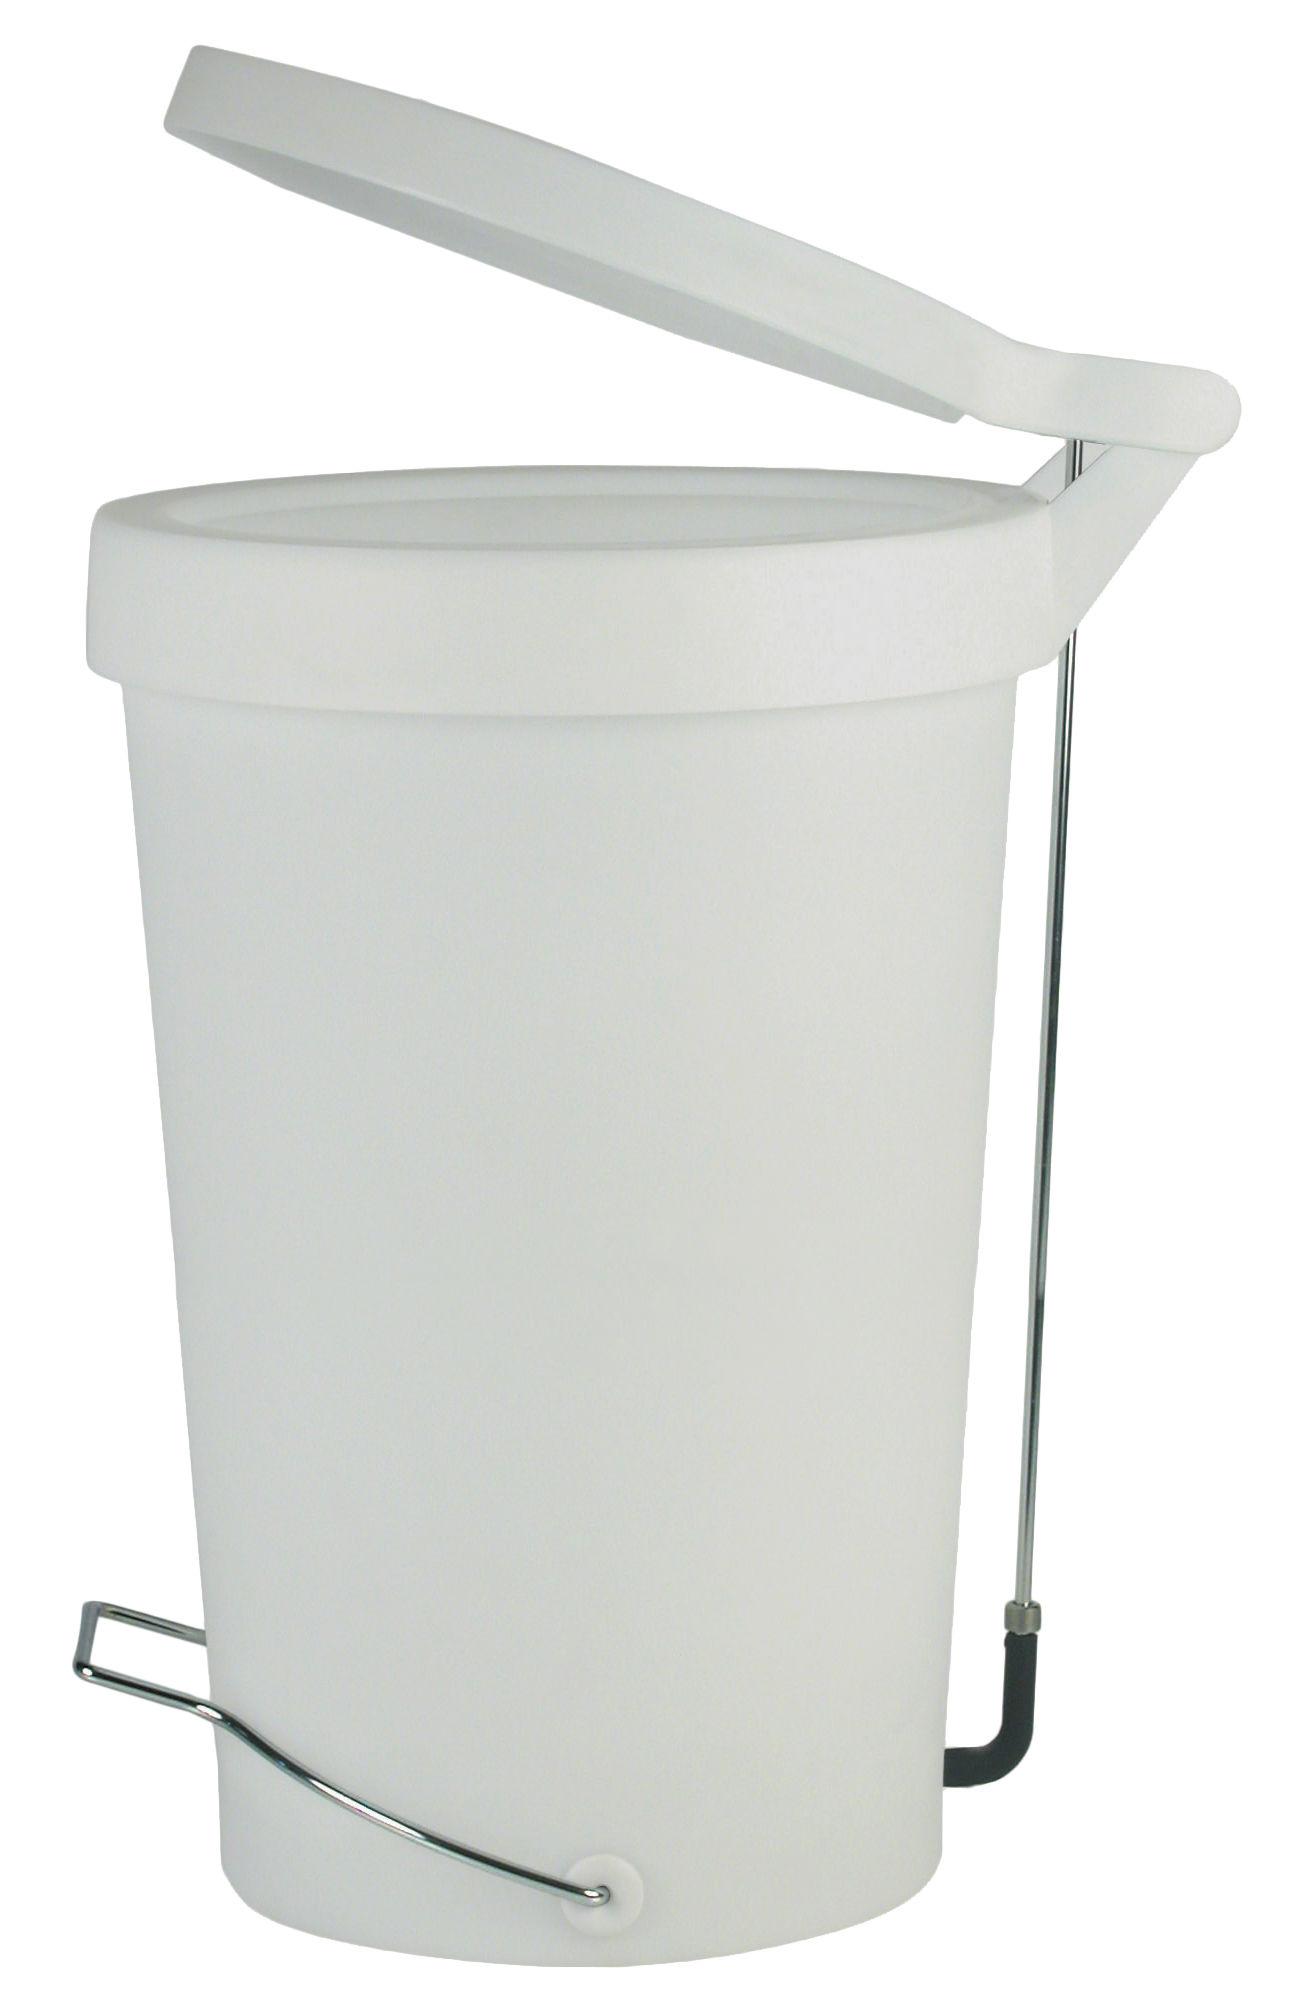 poubelle p dale tip 30 litres blanc gris authentics. Black Bedroom Furniture Sets. Home Design Ideas